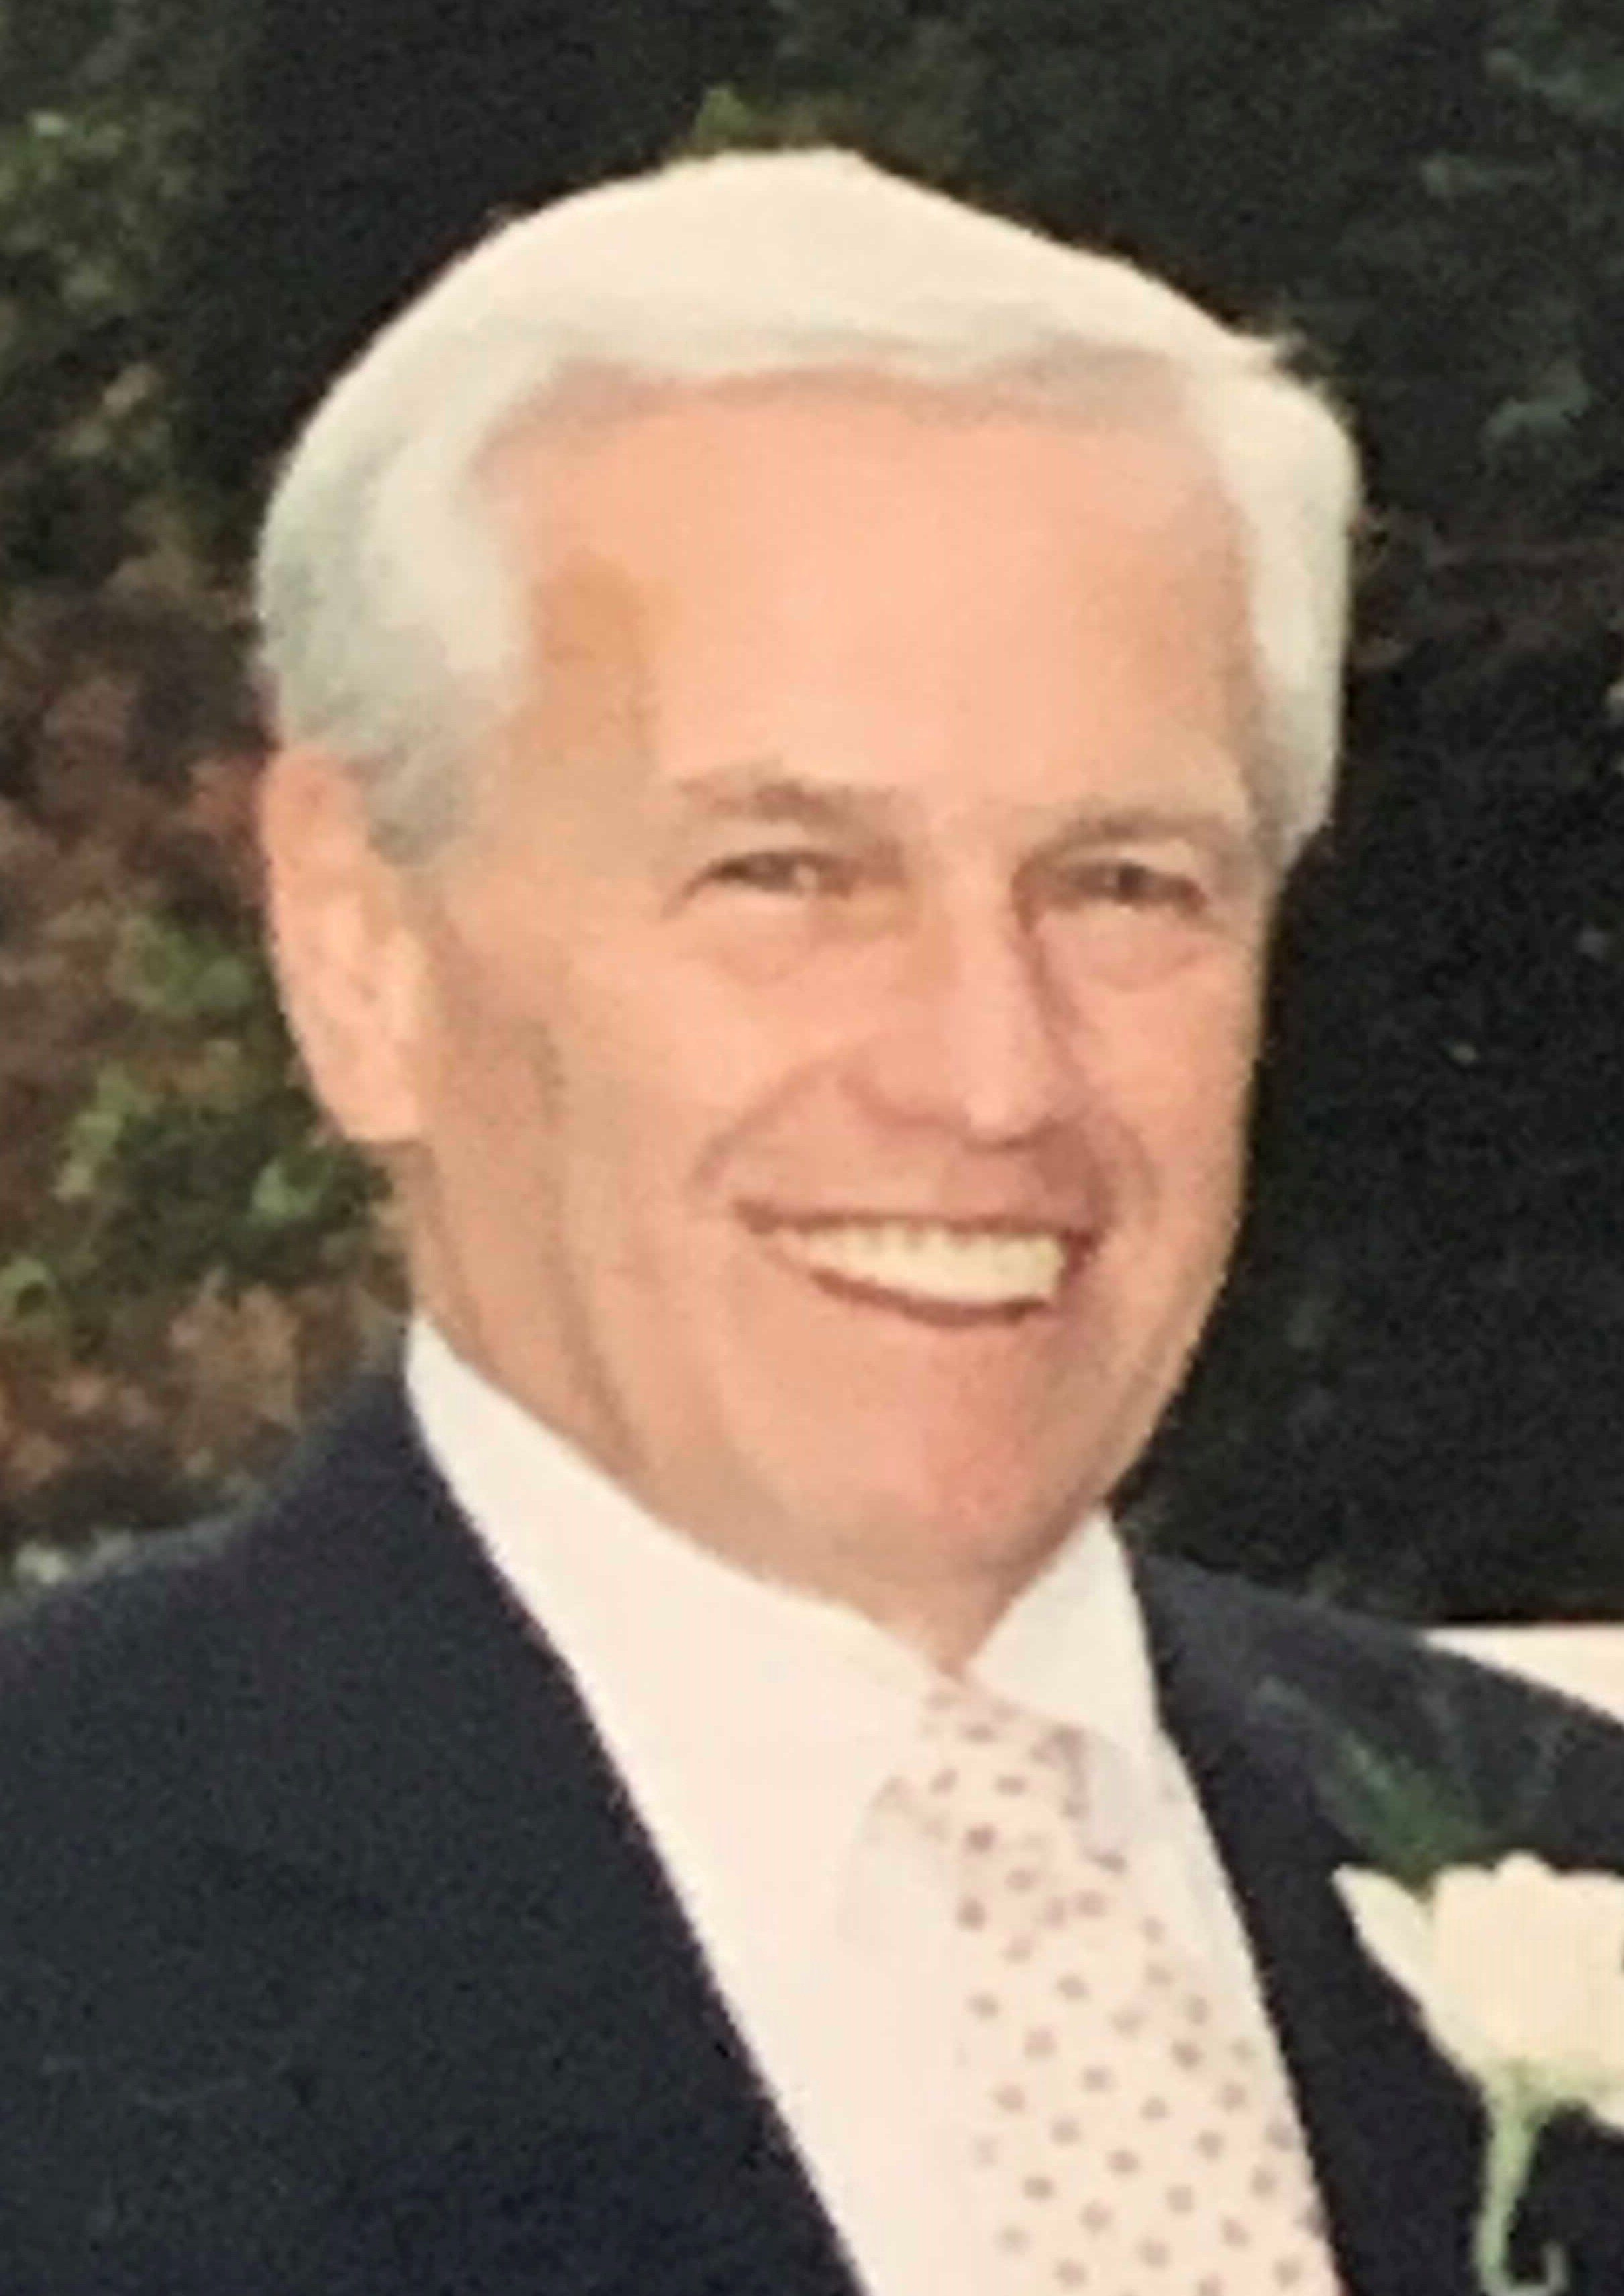 Mark George Cohen, M.D.